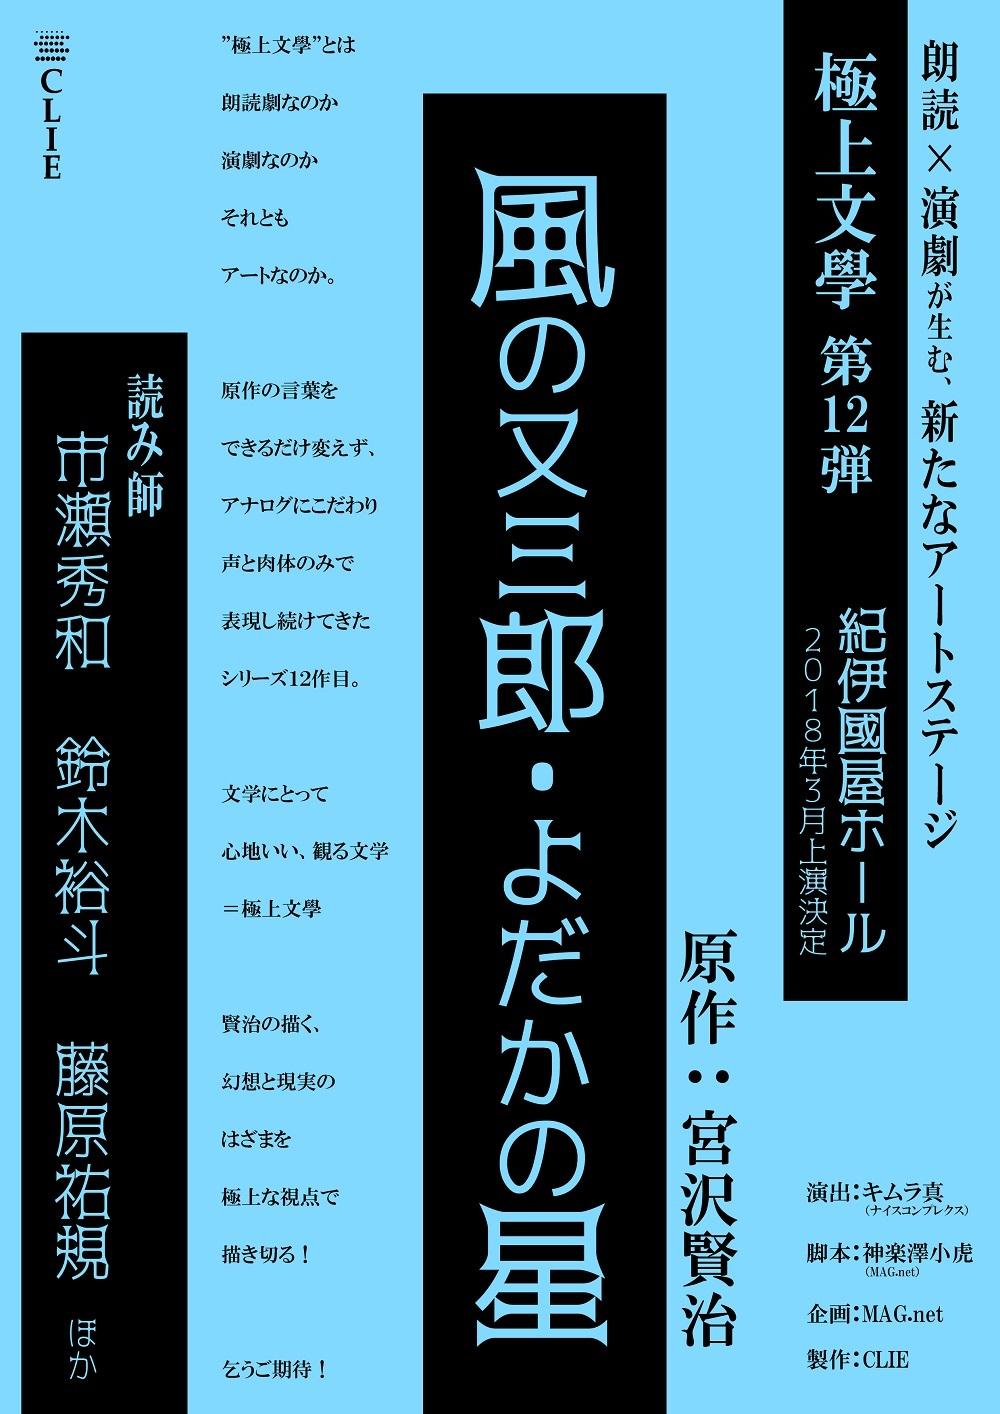 極上文學 第12弾『風の又三郎・よだかの星』